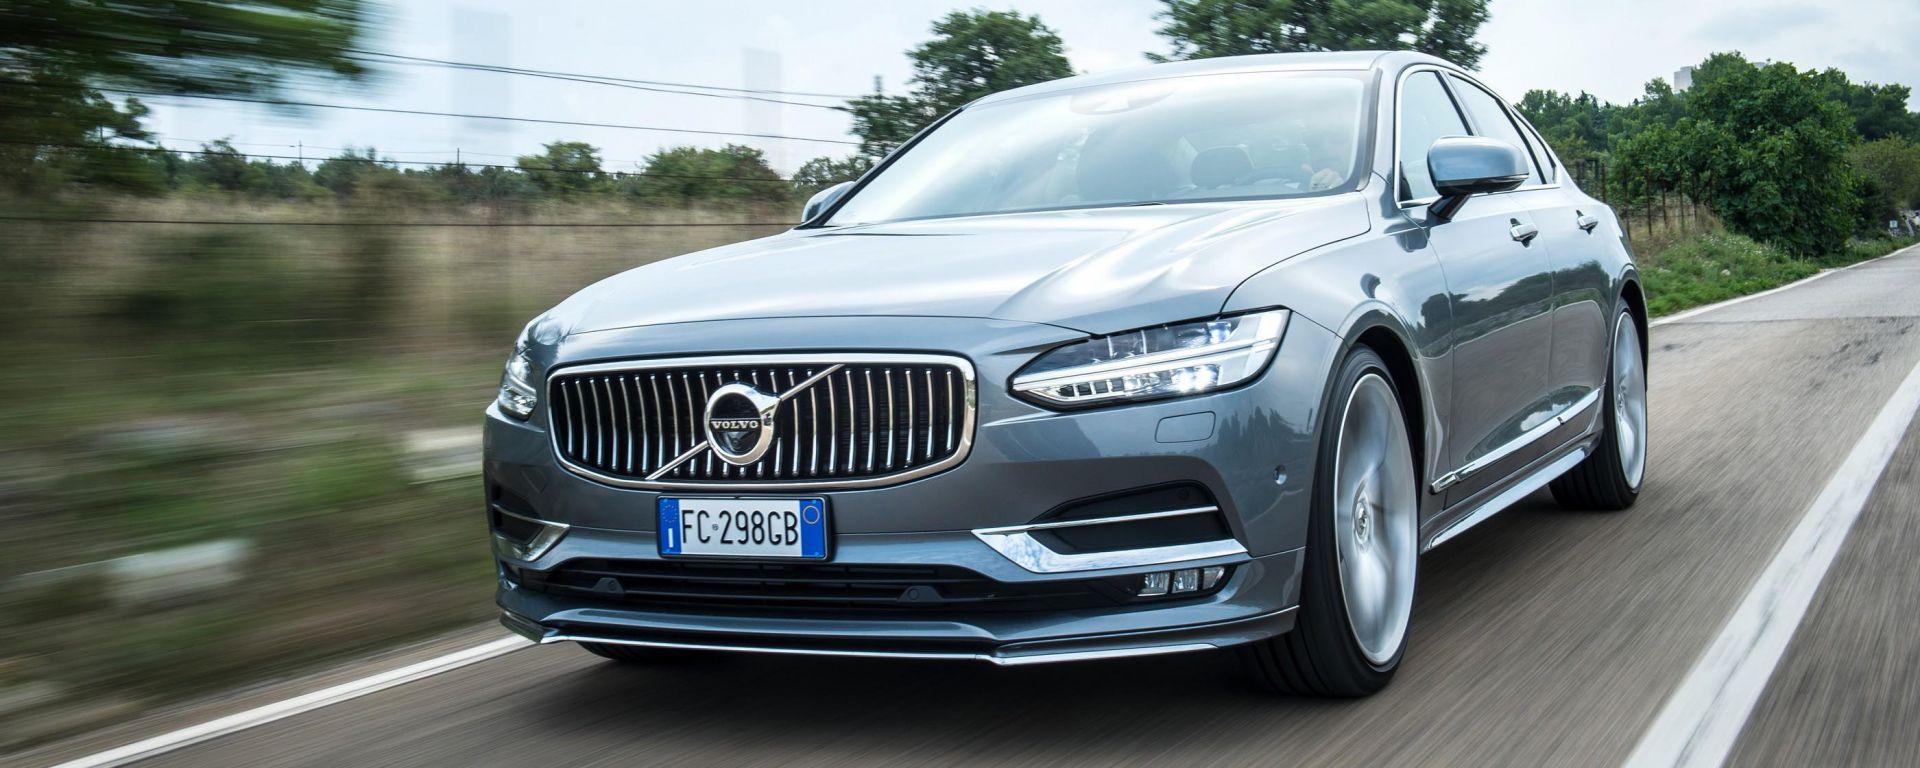 Volvo S90: prova, dotazioni, prezzi